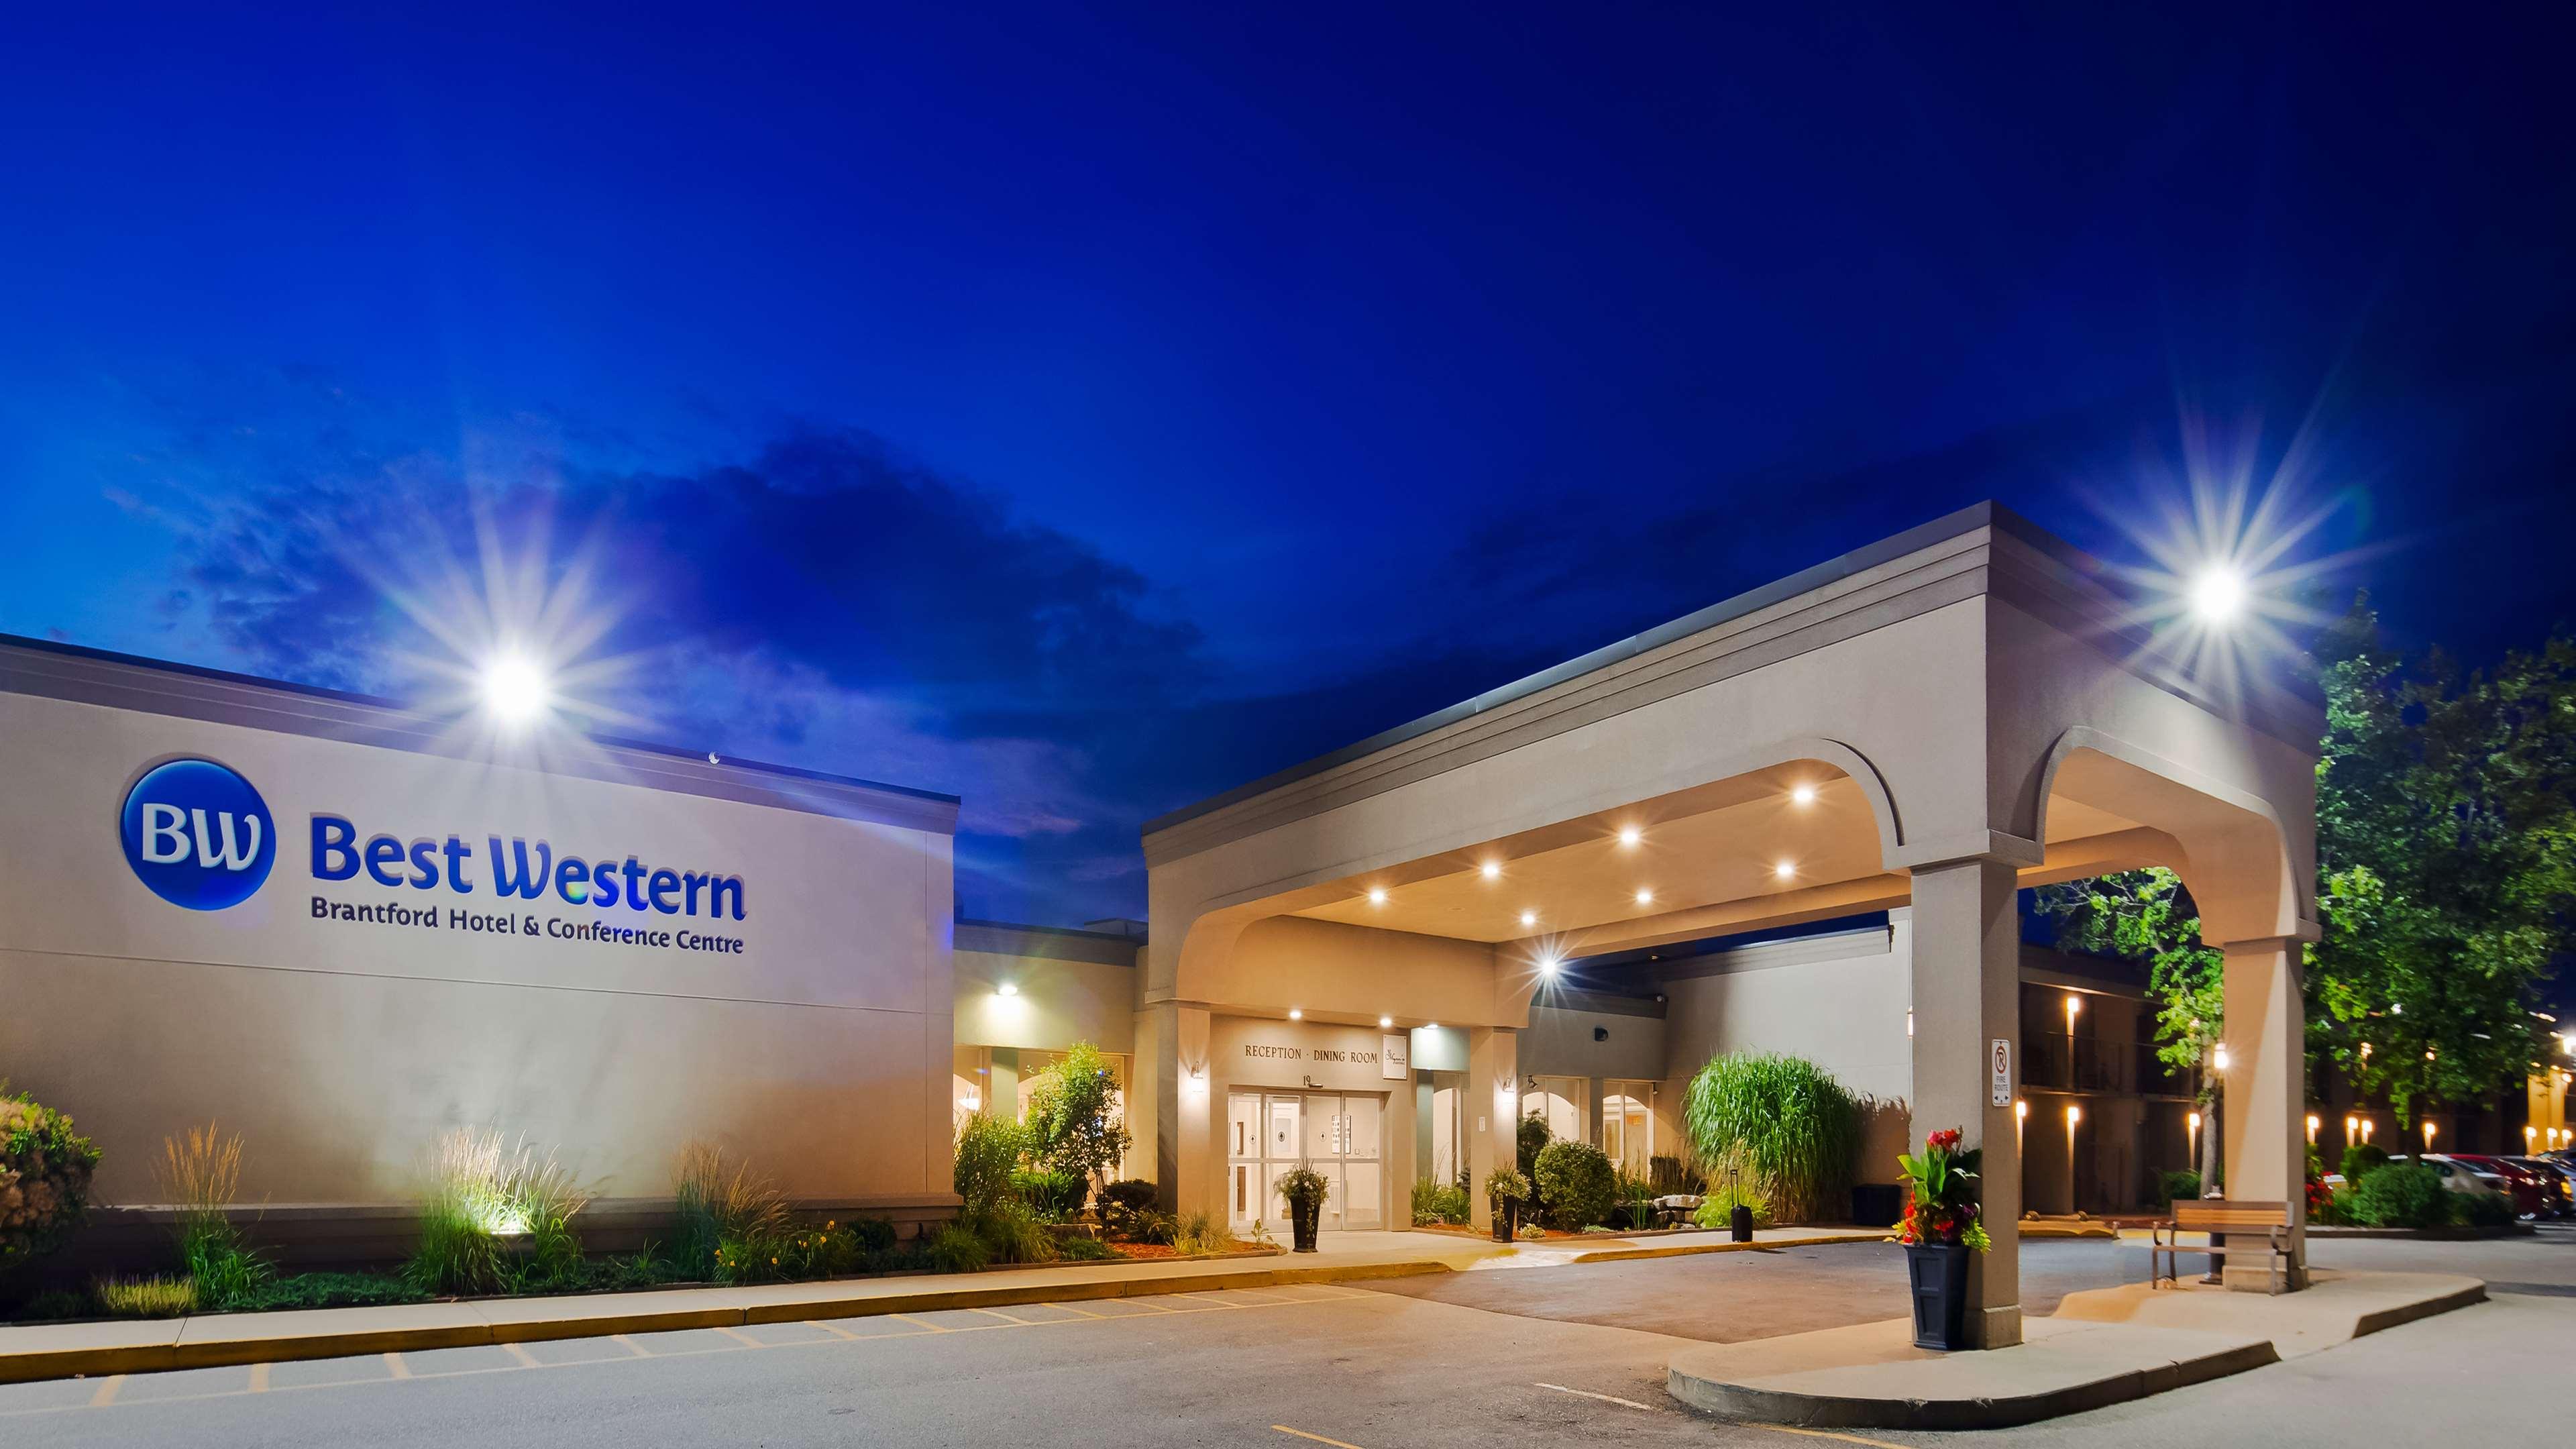 Best Western Hotel Login